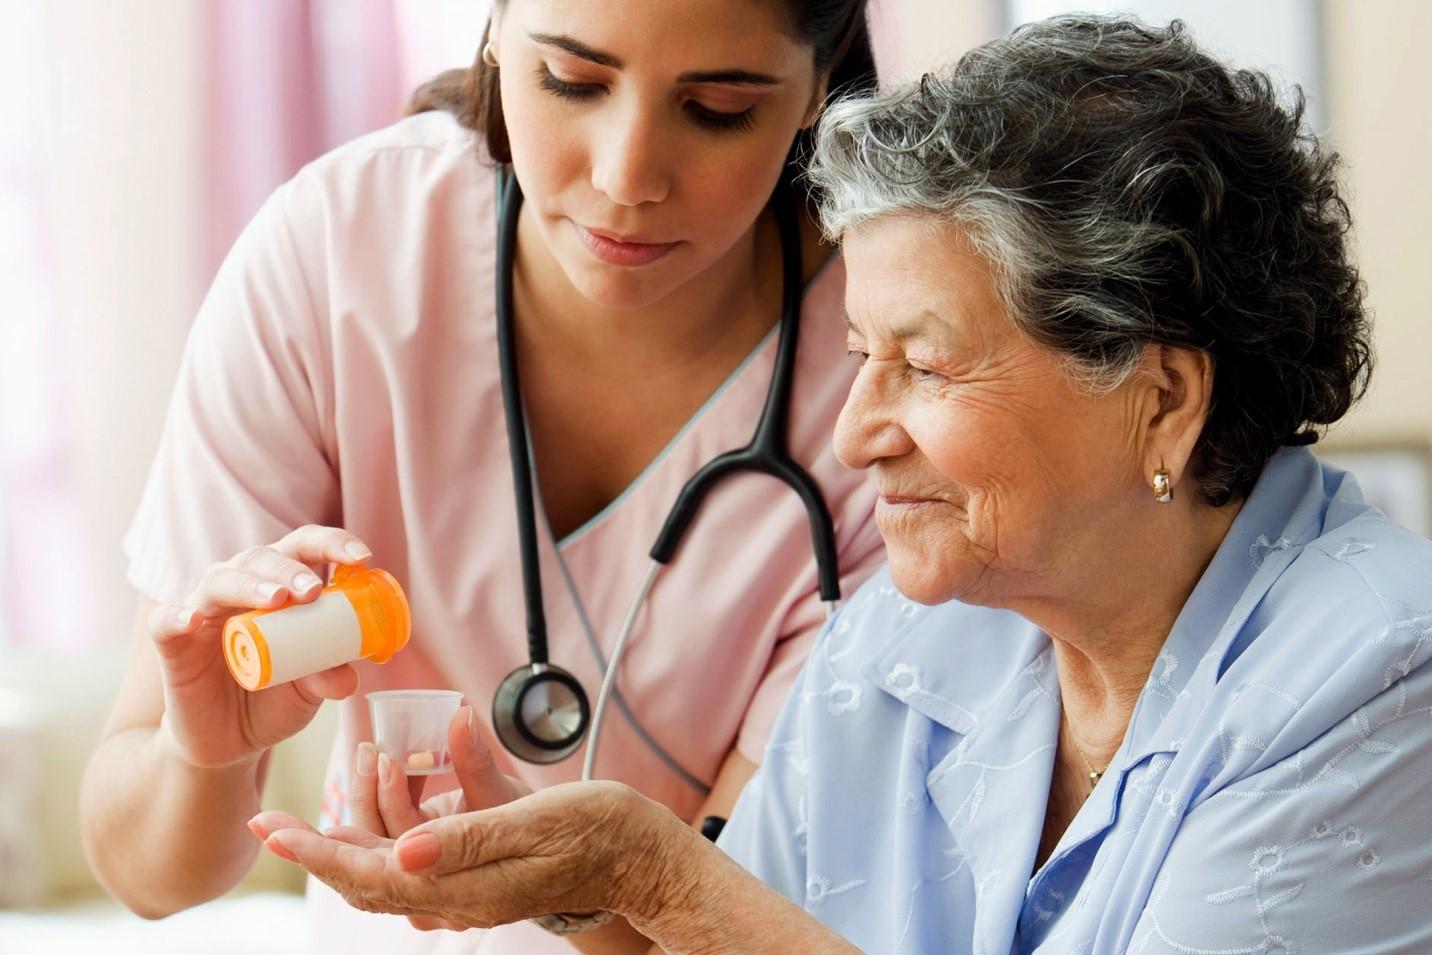 آیا شرکت های پرستاری بیمار در منزل خدمات پرستاری دیگری هم ارائه می دهند؟